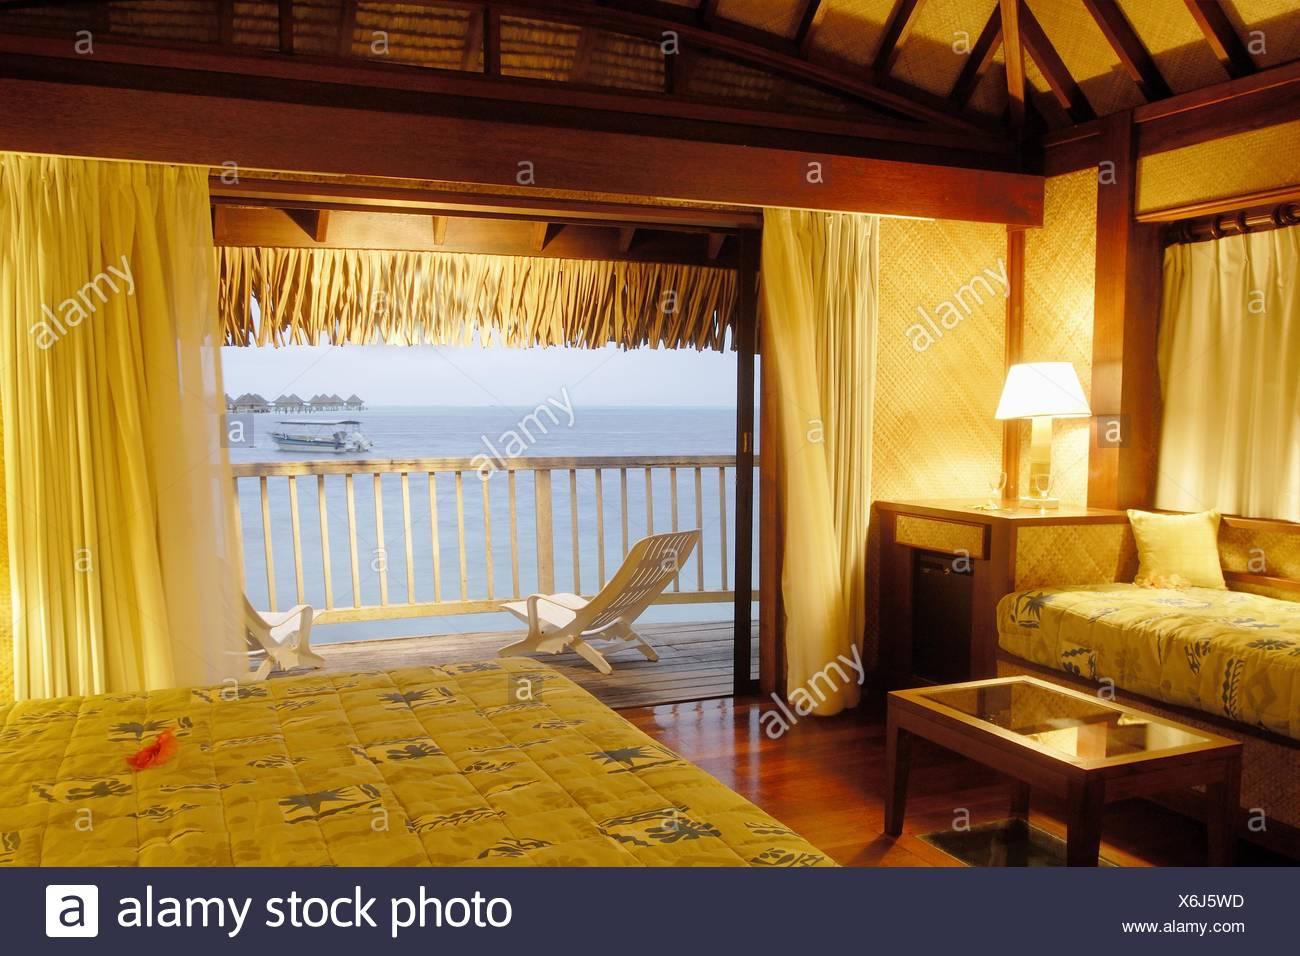 Interieur de Bungalow, Hotel Maitai Polynesia, Bora-Bora, Iles De La Societe, Archipel De La Polynesie Francaise, Ozean Pacifique sud Stockbild